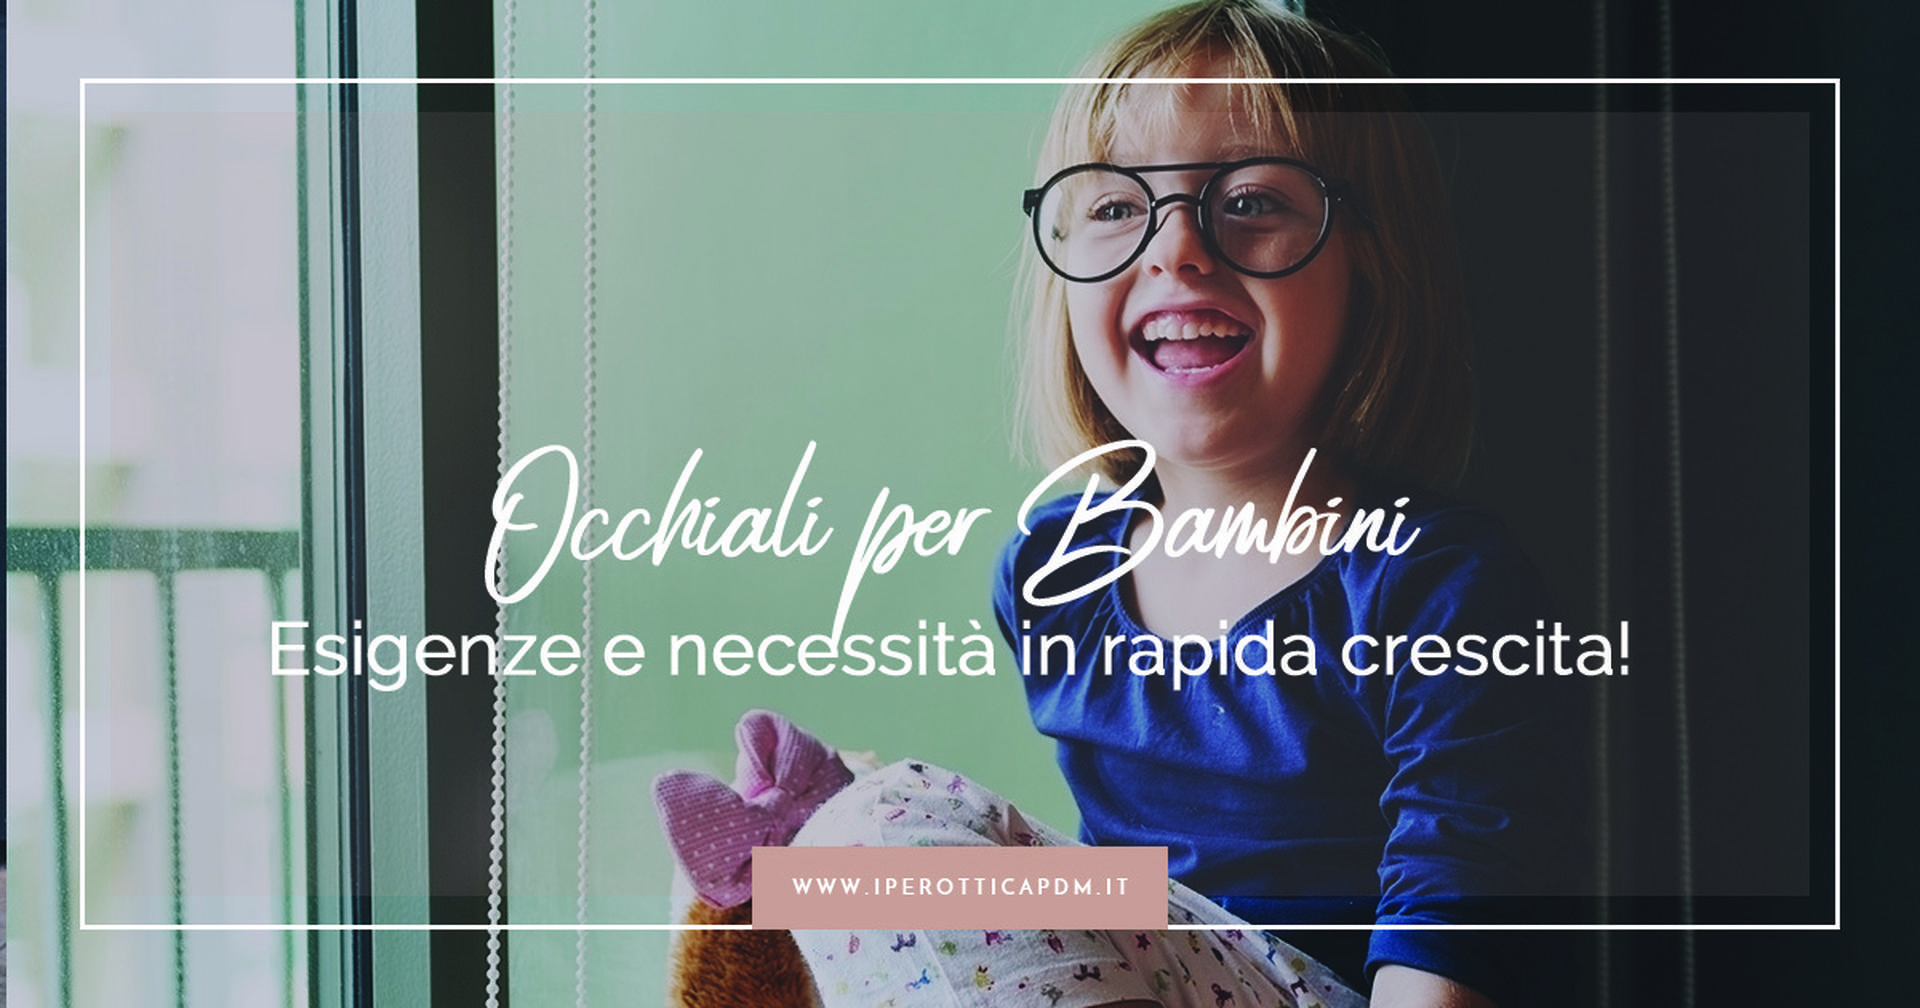 Occhiali per bambini: esigenze e necessità in rapida crescita!